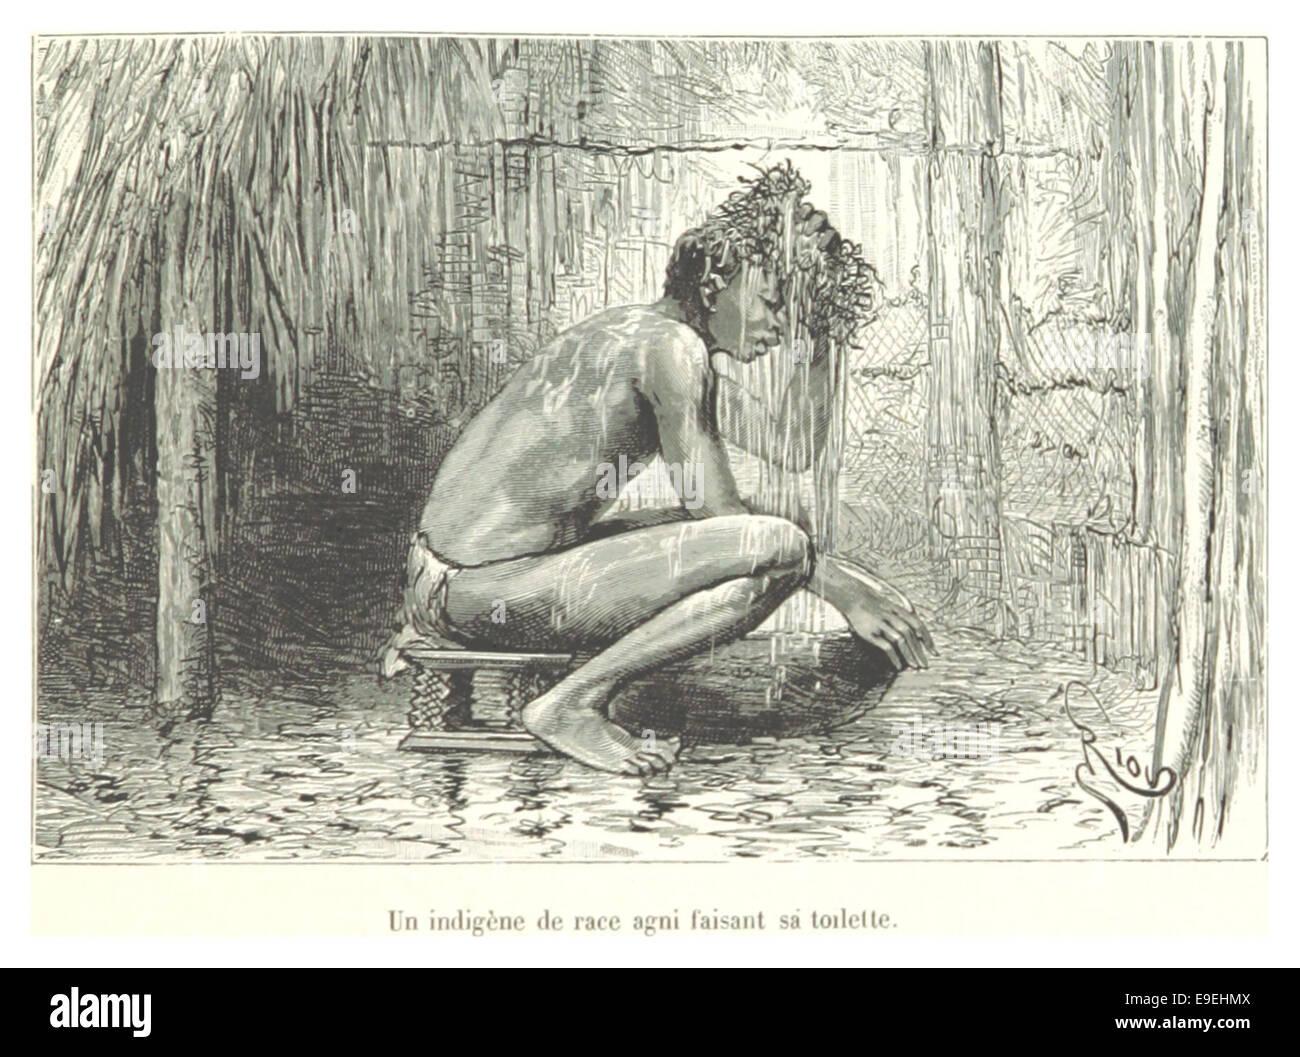 Pg241 Un indegC3A8ne de race agni faisant sa toilette - Stock Image